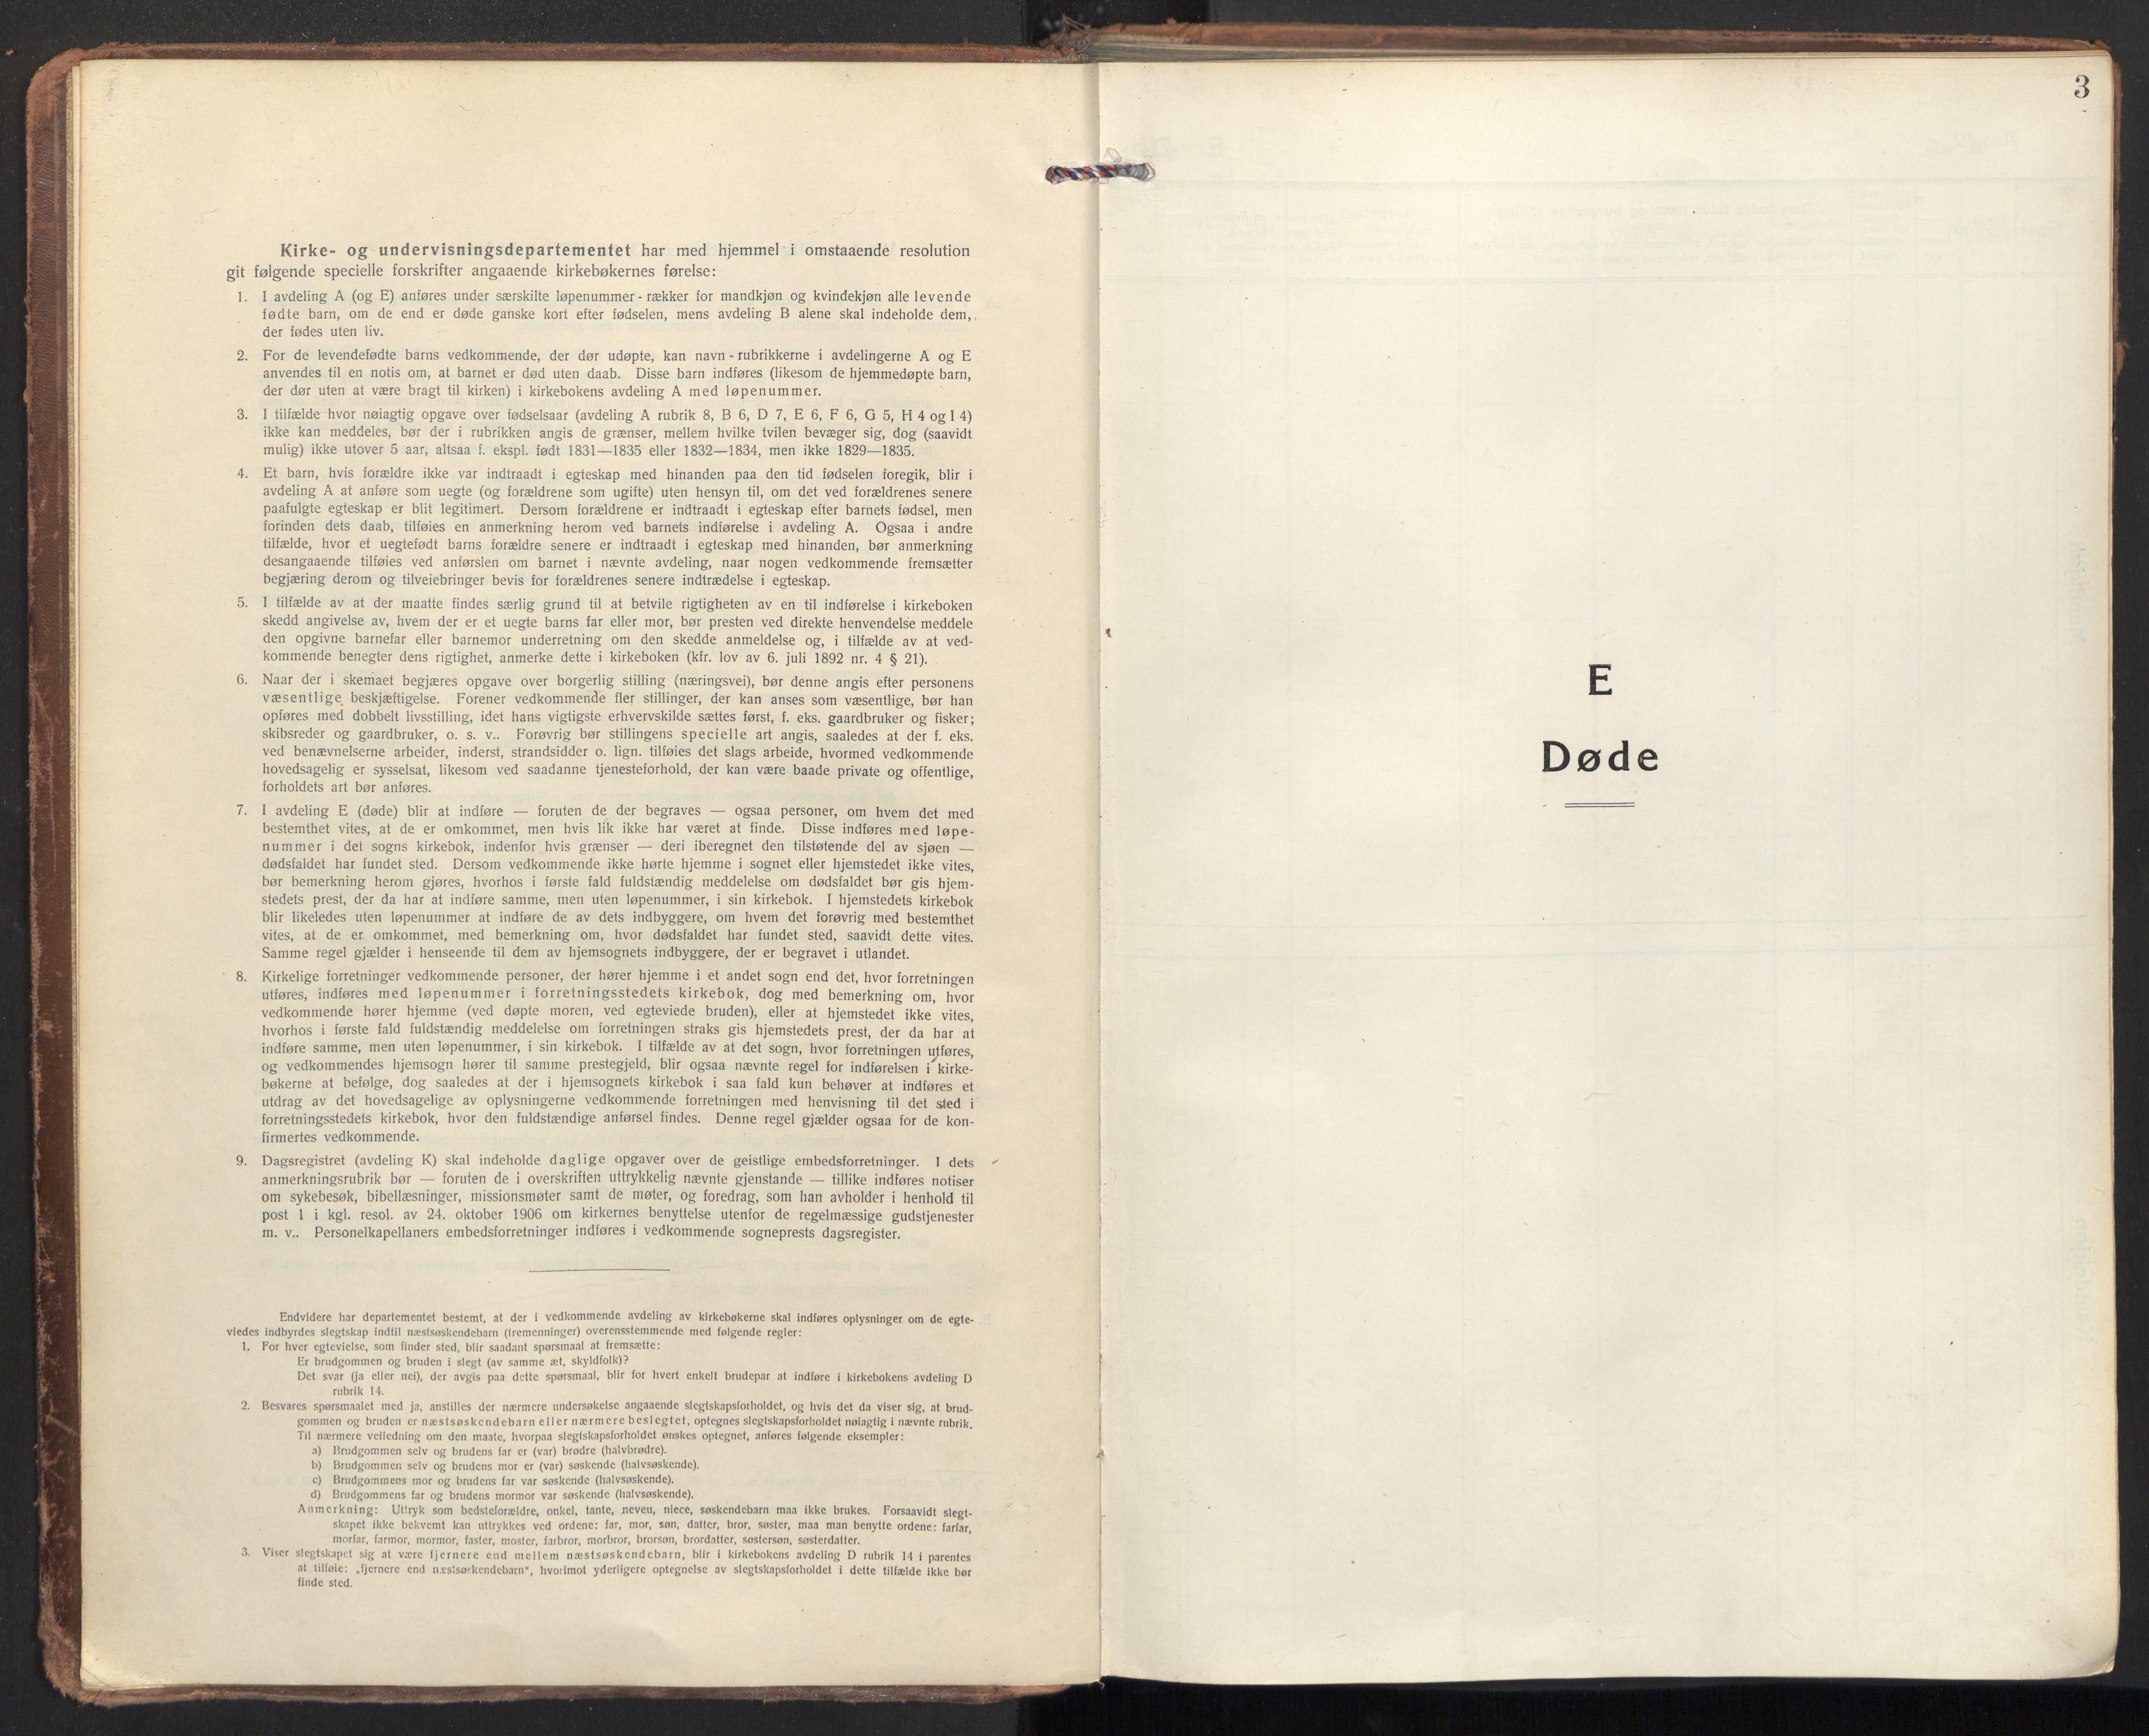 SAT, Ministerialprotokoller, klokkerbøker og fødselsregistre - Sør-Trøndelag, 604/L0207: Ministerialbok nr. 604A27, 1917-1933, s. 3